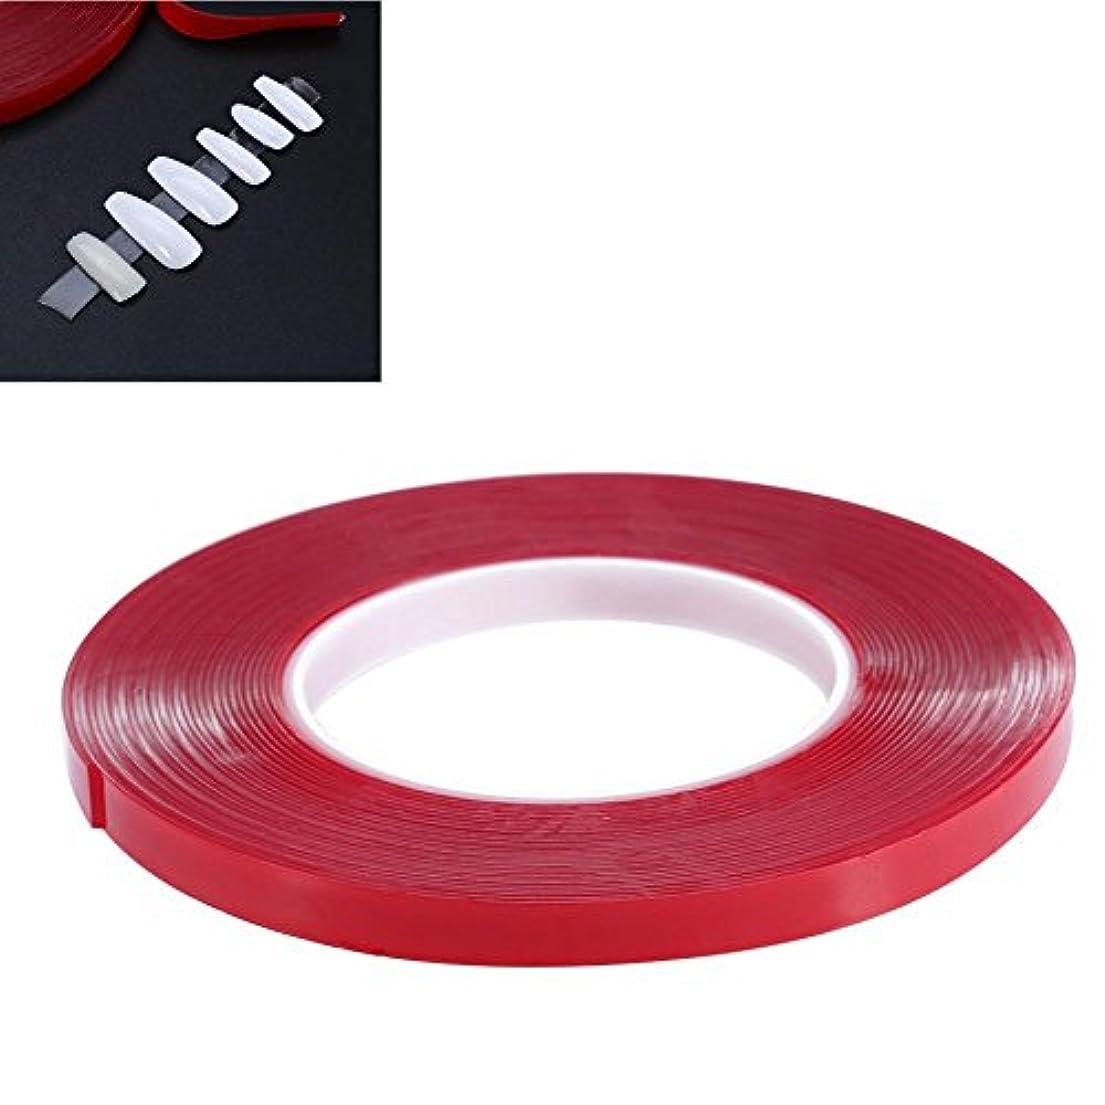 滑る大きさスカートネイルラインテープ ネイルアート用 両面粘着テープ 透明 強い ネイル用品 長さ10m